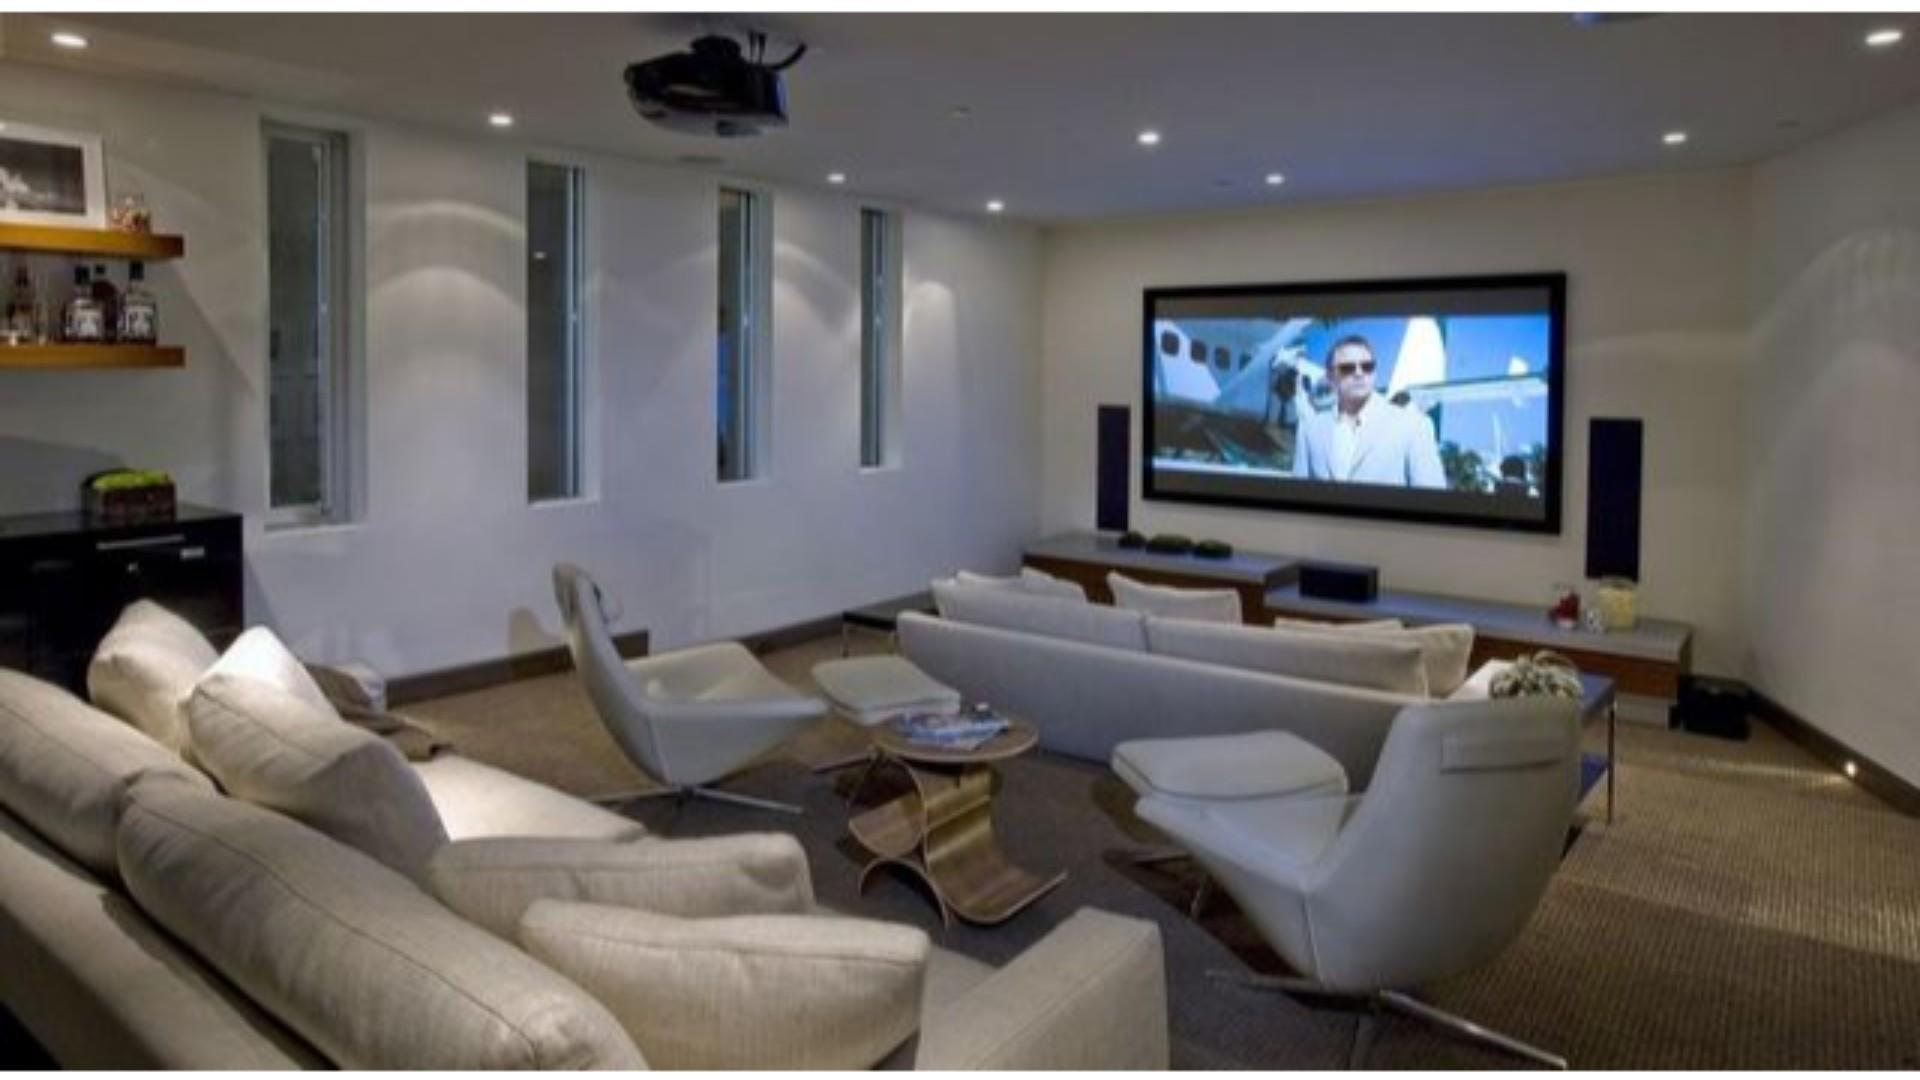 La maison d'Avicii à Los Angeles vient d'être vendue